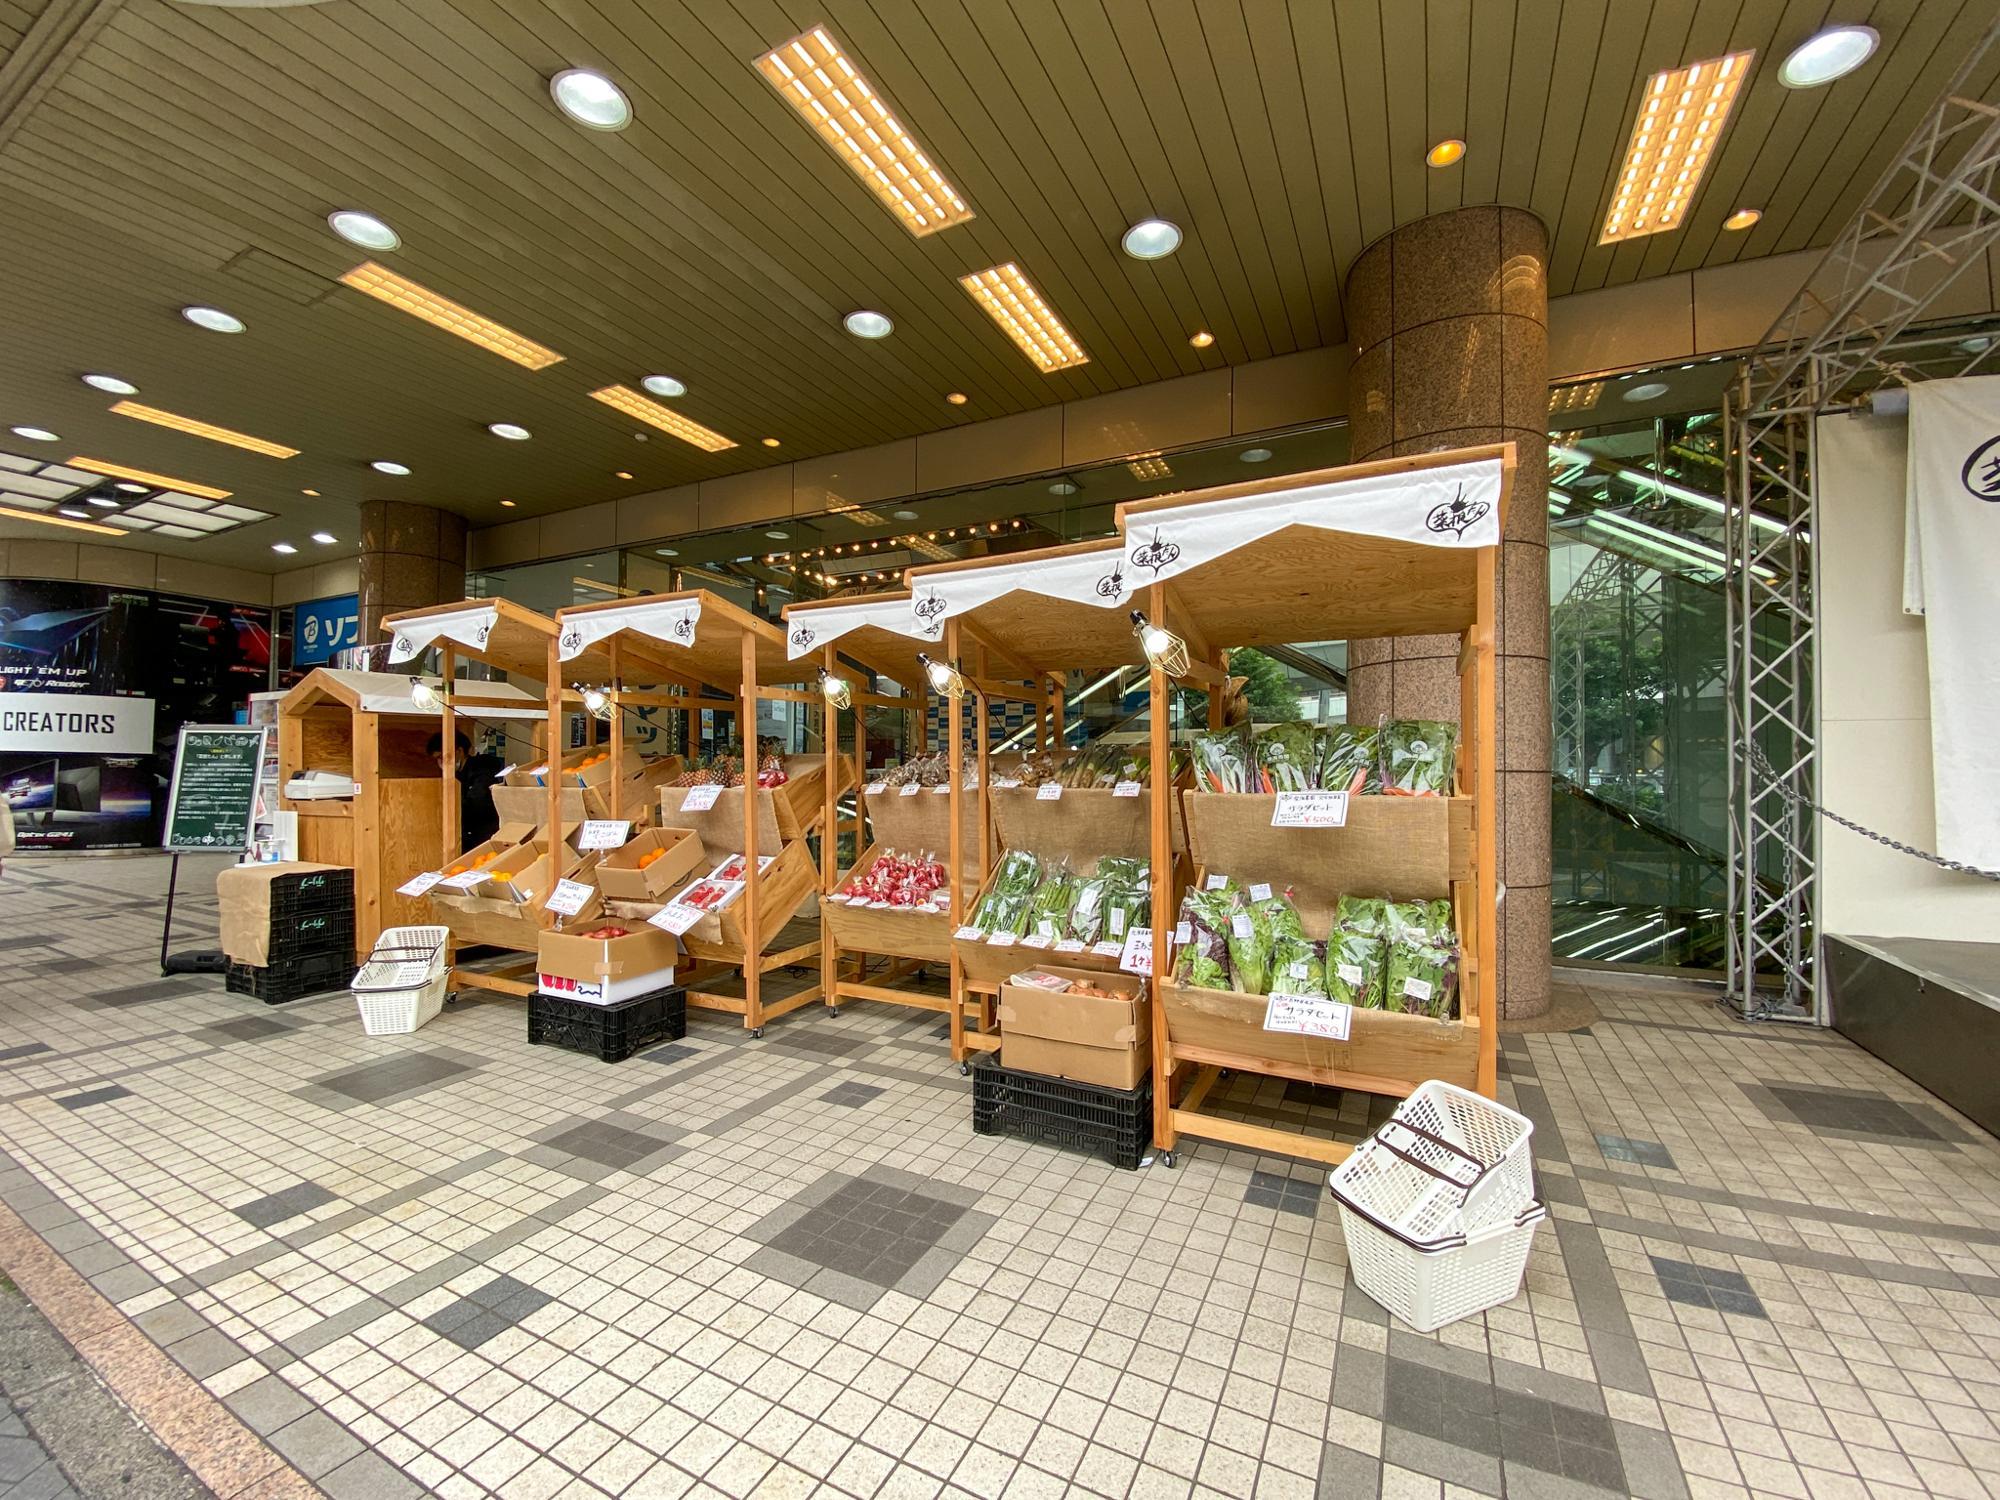 木の棚だけで構成されたお店、それが菜根たん